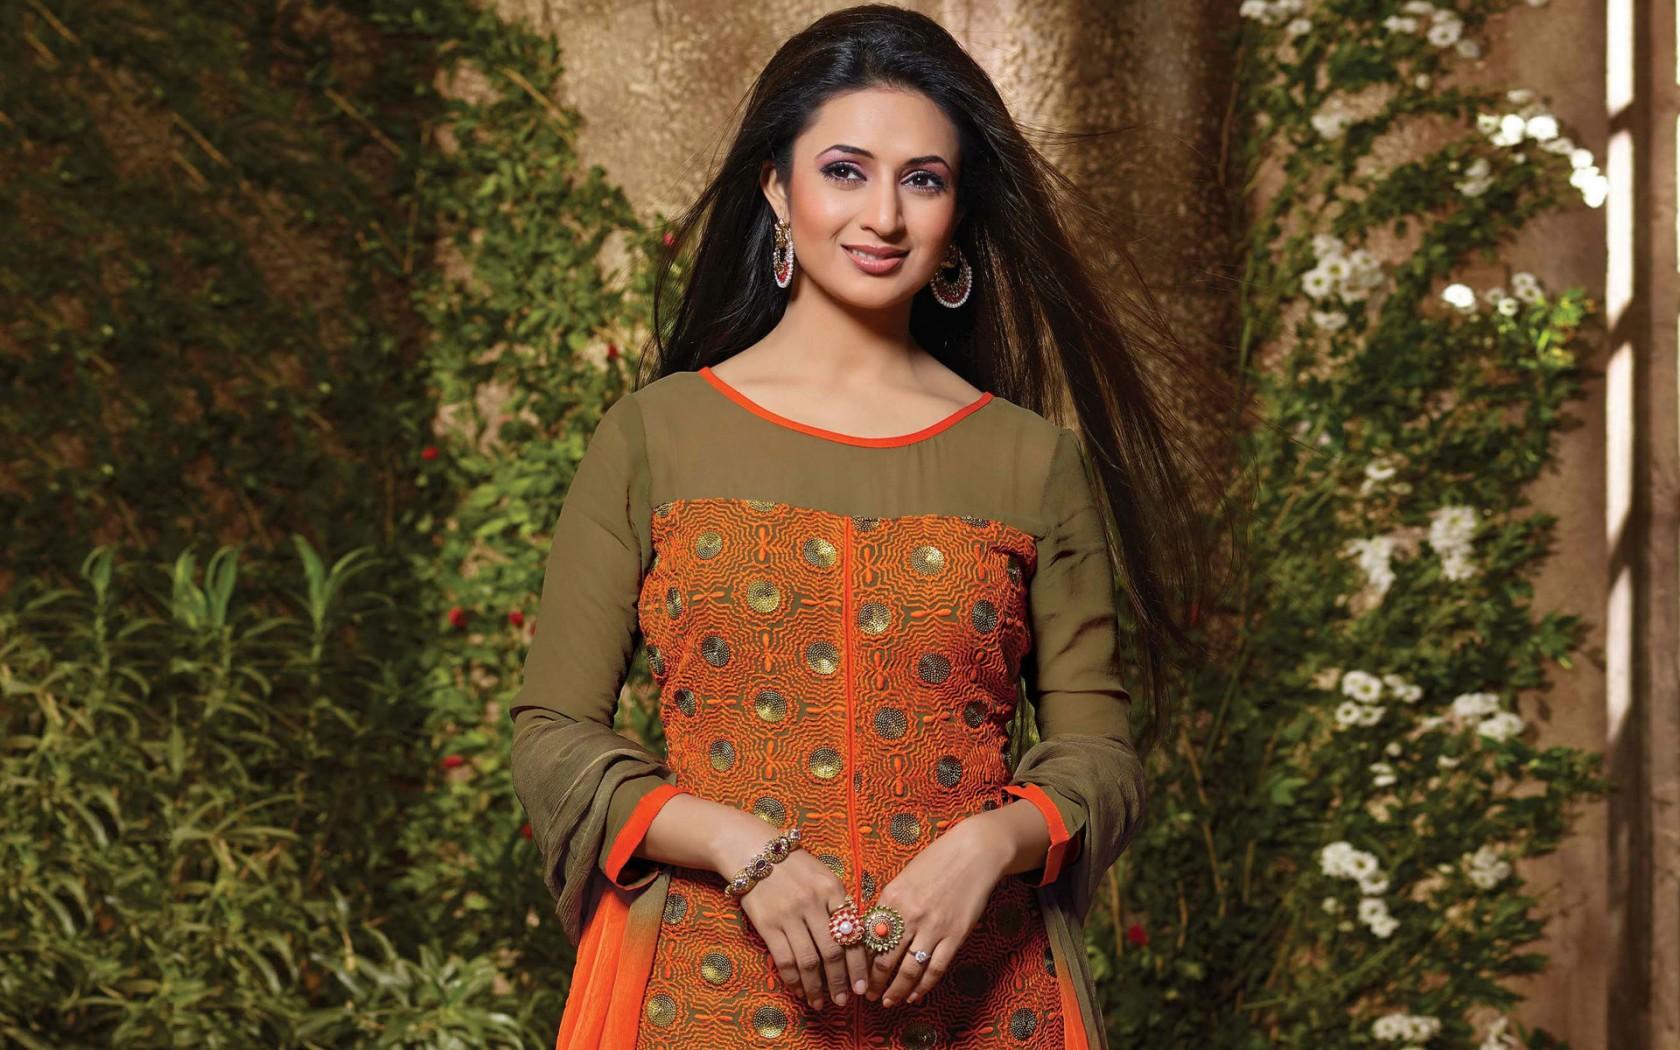 Cute Indian Actress Hd Wallpapers Divyanka Tripathi Wallpapers Hd Wallpapers Id 17138